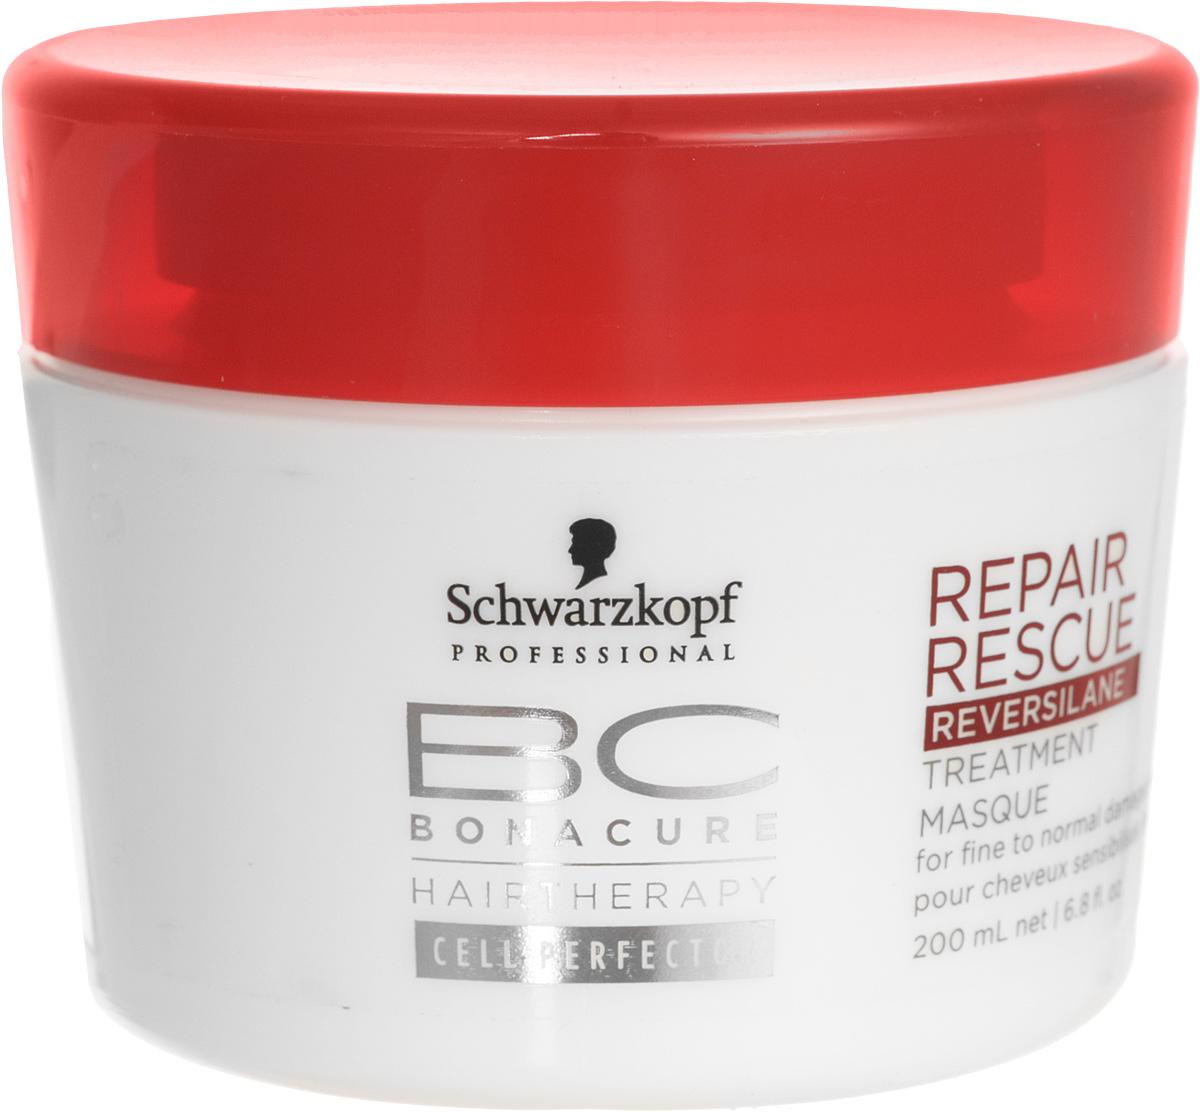 Bonacure Маска для волос Спасительное Восстановление Repair Rescue Treatment 200 мл2015290Глубоко питающая маска для очень поврежденных, нормальных и густых волос. Реконструирует внутреннюю и внешнюю структуру волоса. Распутывает волосы и улучшает расчесываемость. Высокая концентрация протеолипидов в формуле направленна на восстановление внешней структуры волоса, а Аминная Технология Клеточного Восстановления работает на поврежденных участках внутренней структуры. Волосы приобретают эластичность, плотность и блеск по всей длине. Рекомендуется использовать в комплексе с шампунем BC Repair Rescue.